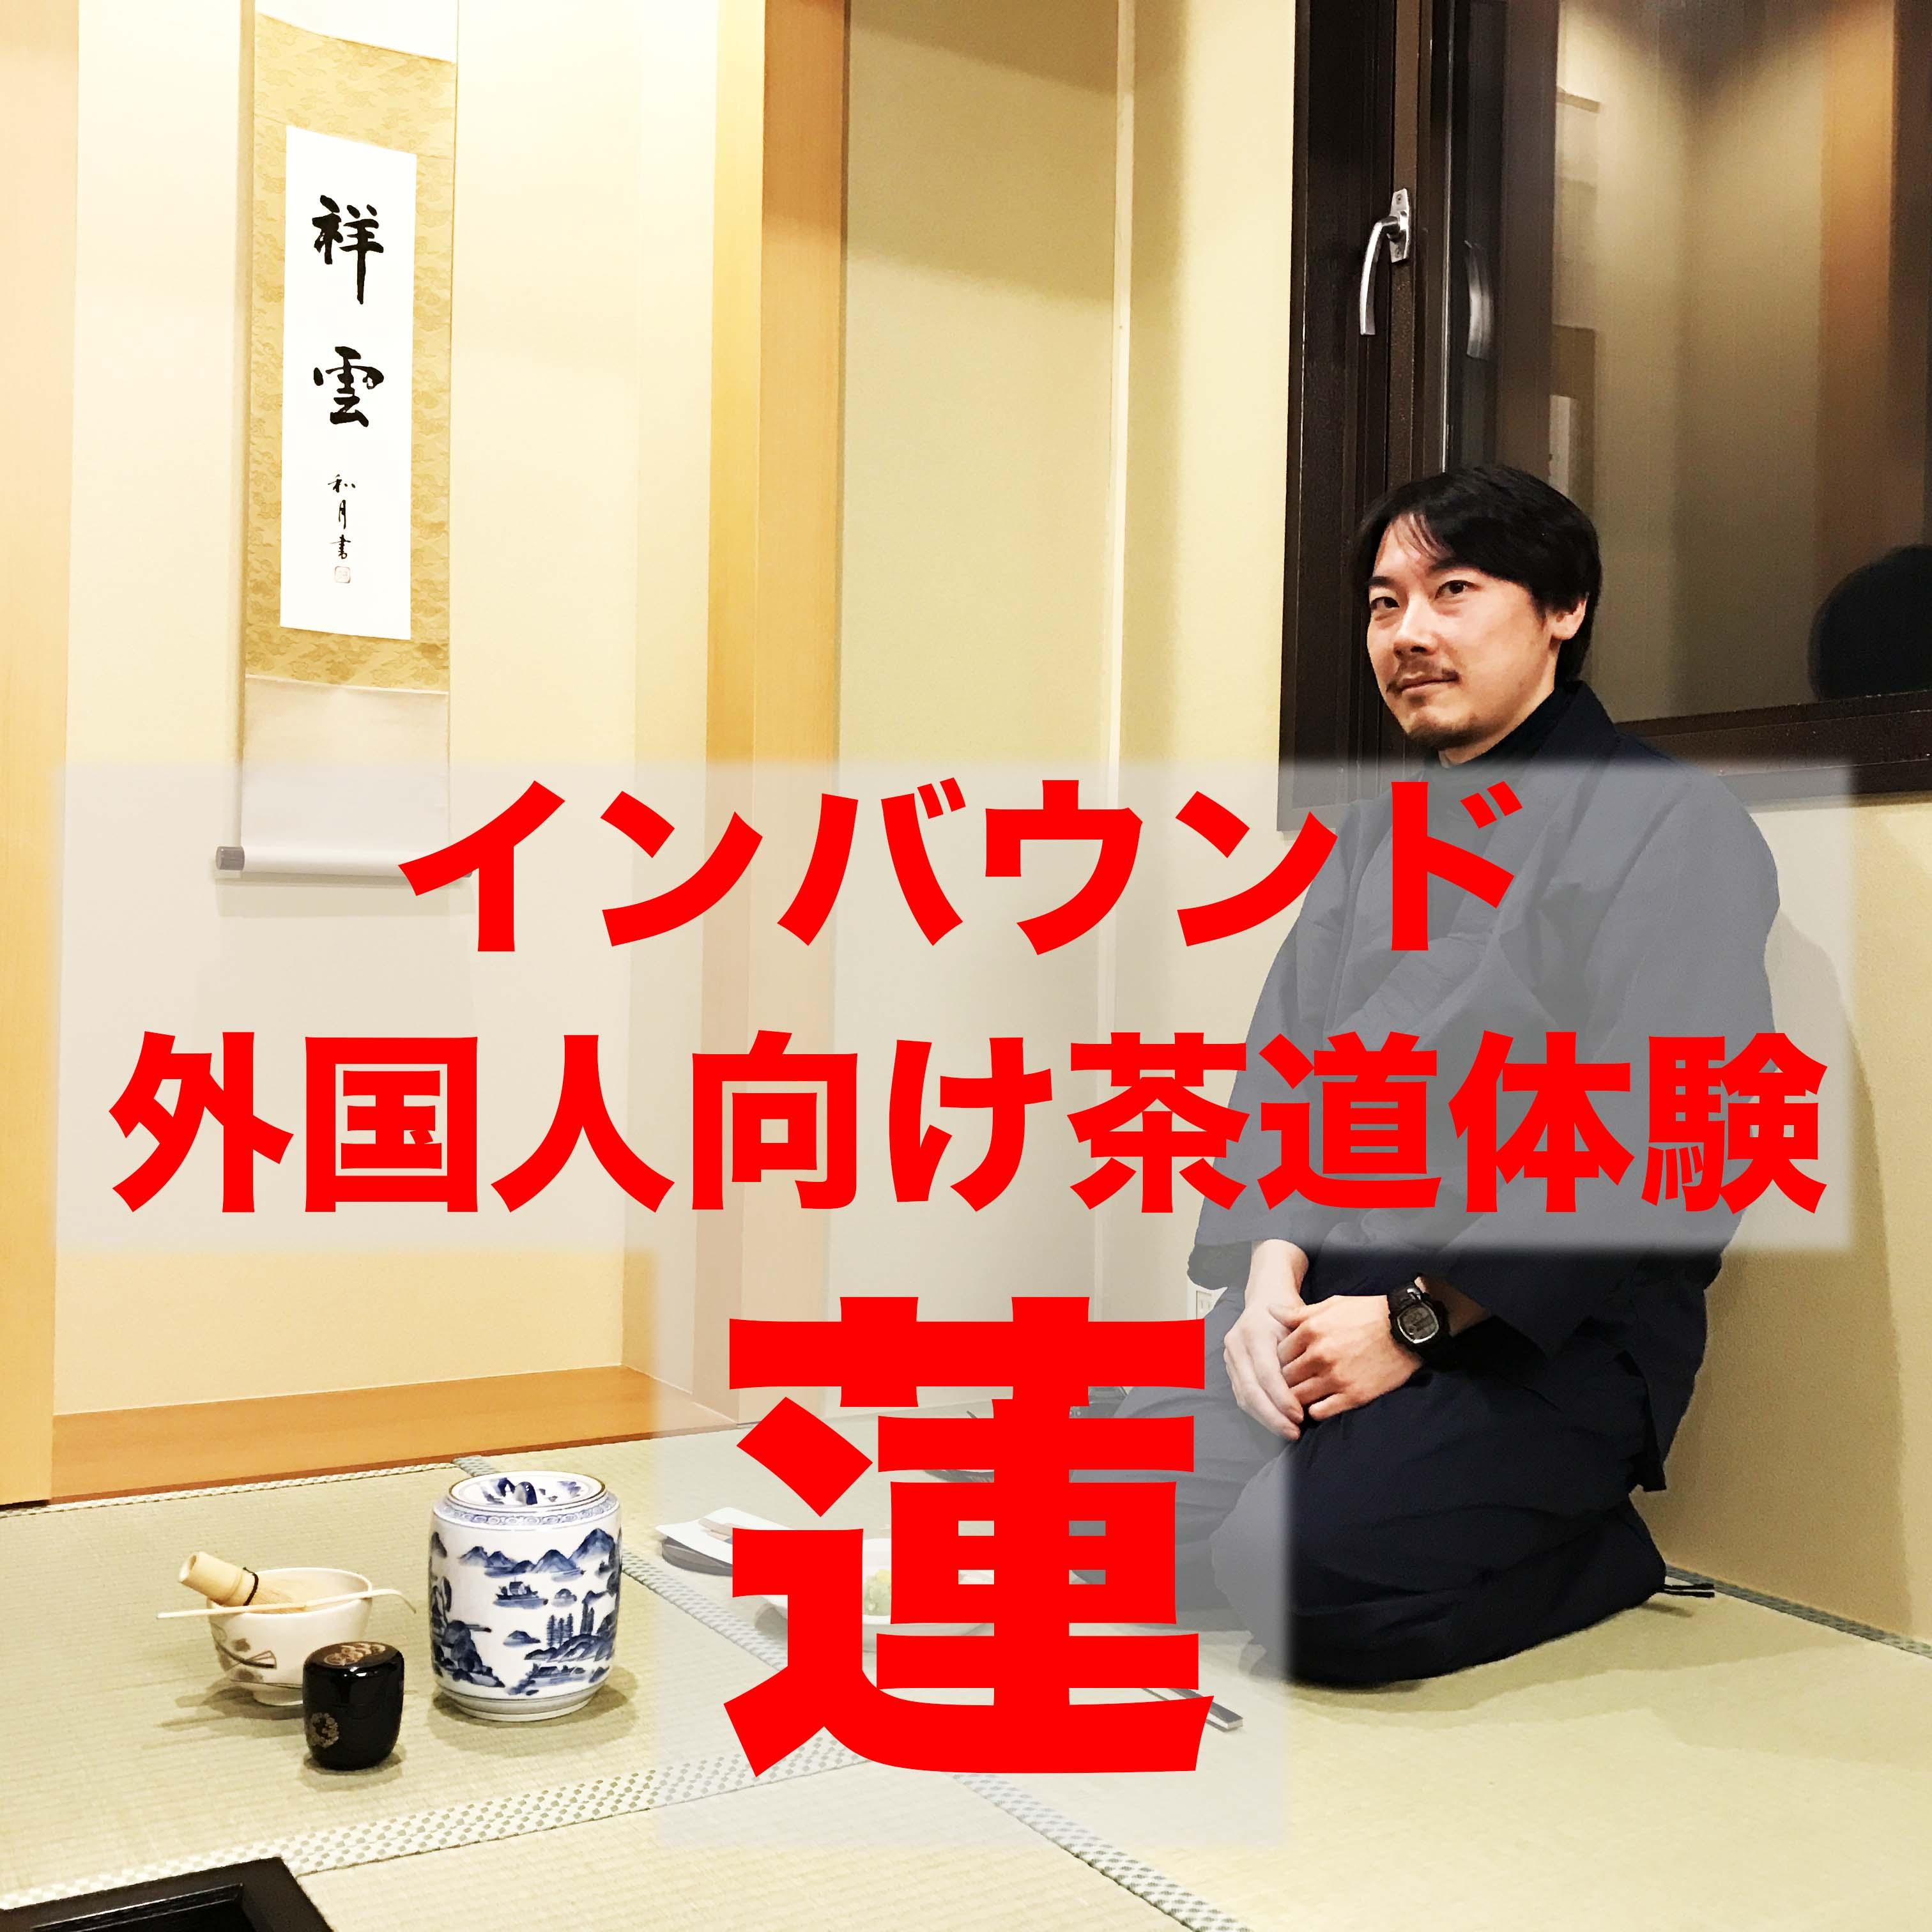 札幌に新オープン「外国人向け茶道体験 蓮」へ行って来ました。